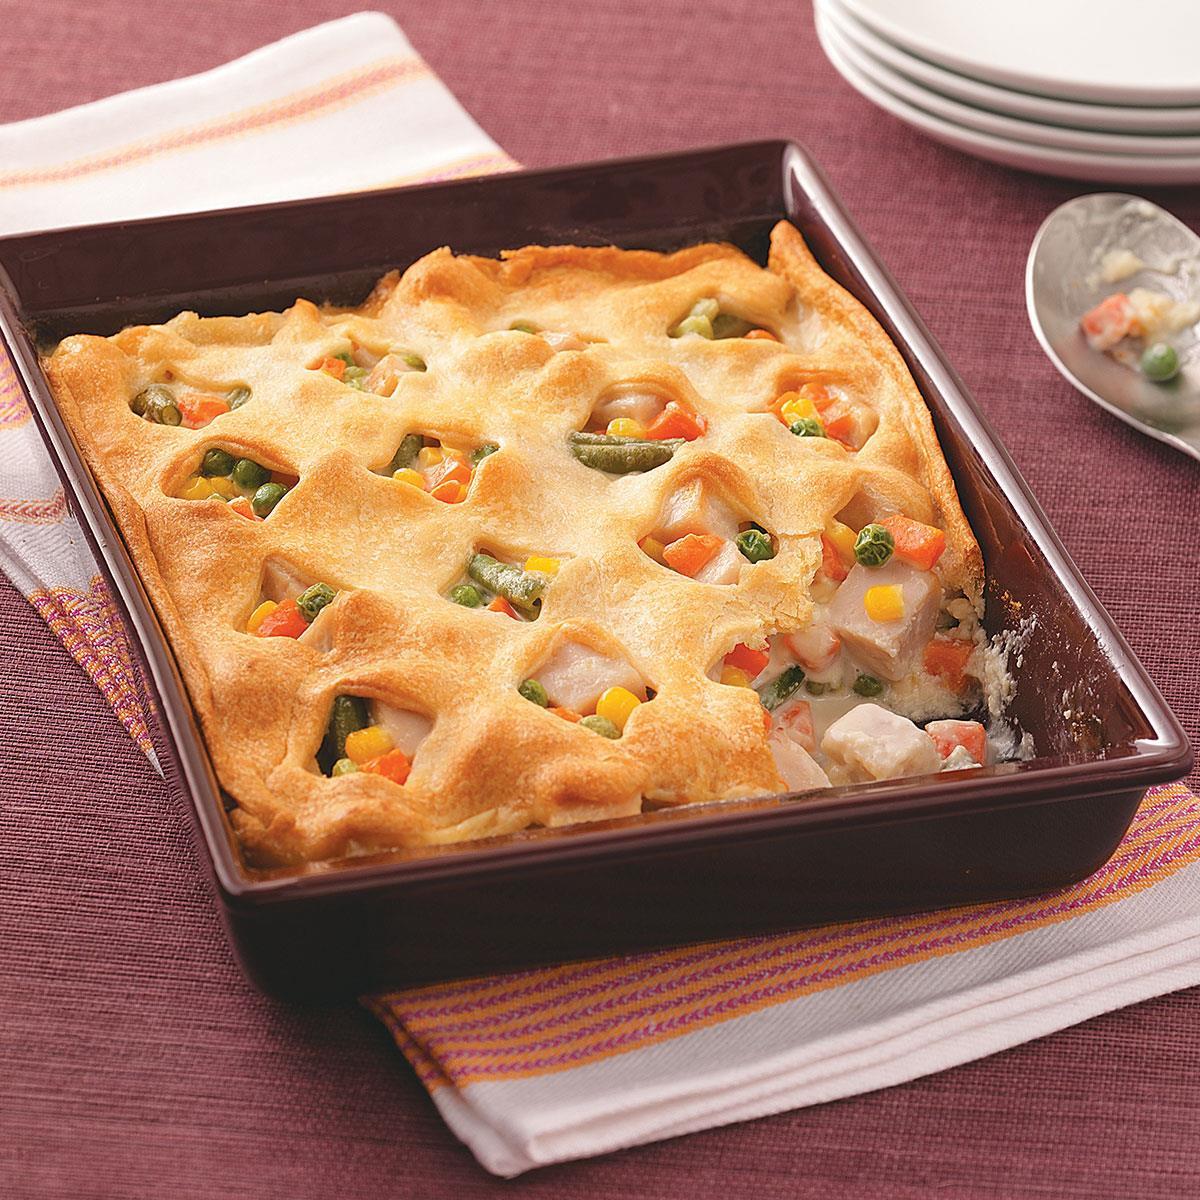 Bake Thanksgiving Turkey  Crescent Turkey Casserole Recipe